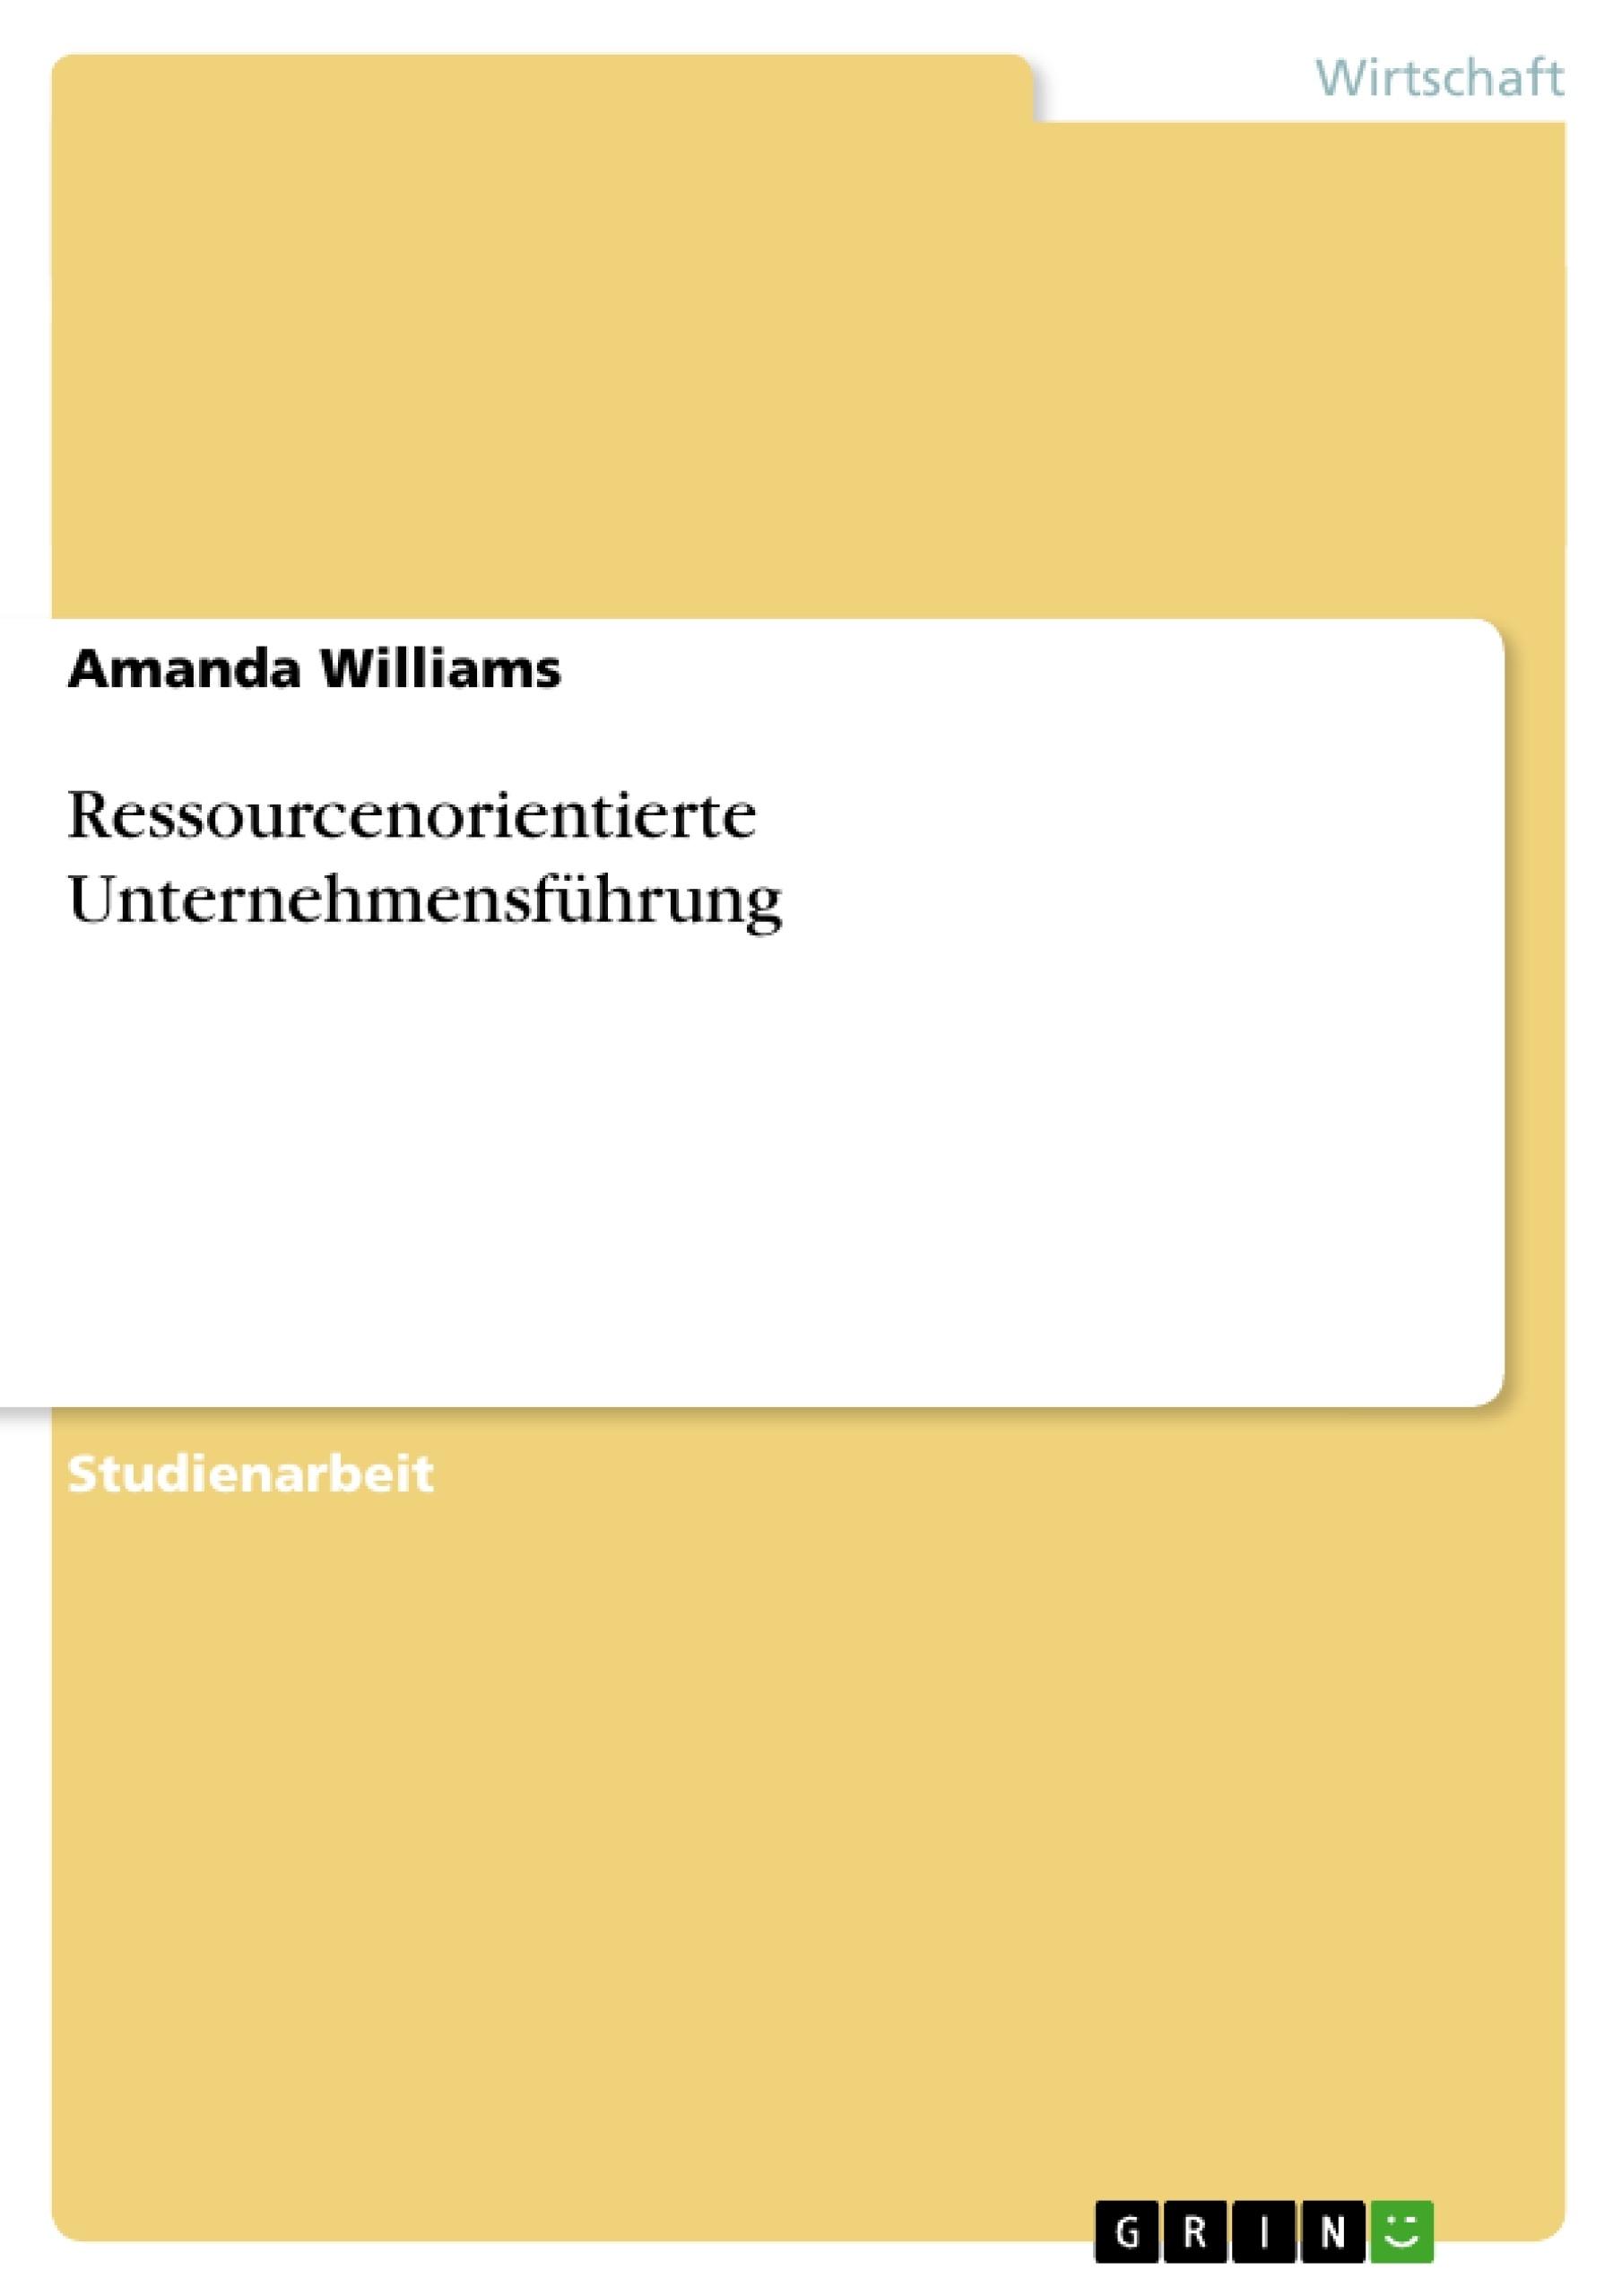 Titel: Ressourcenorientierte Unternehmensführung